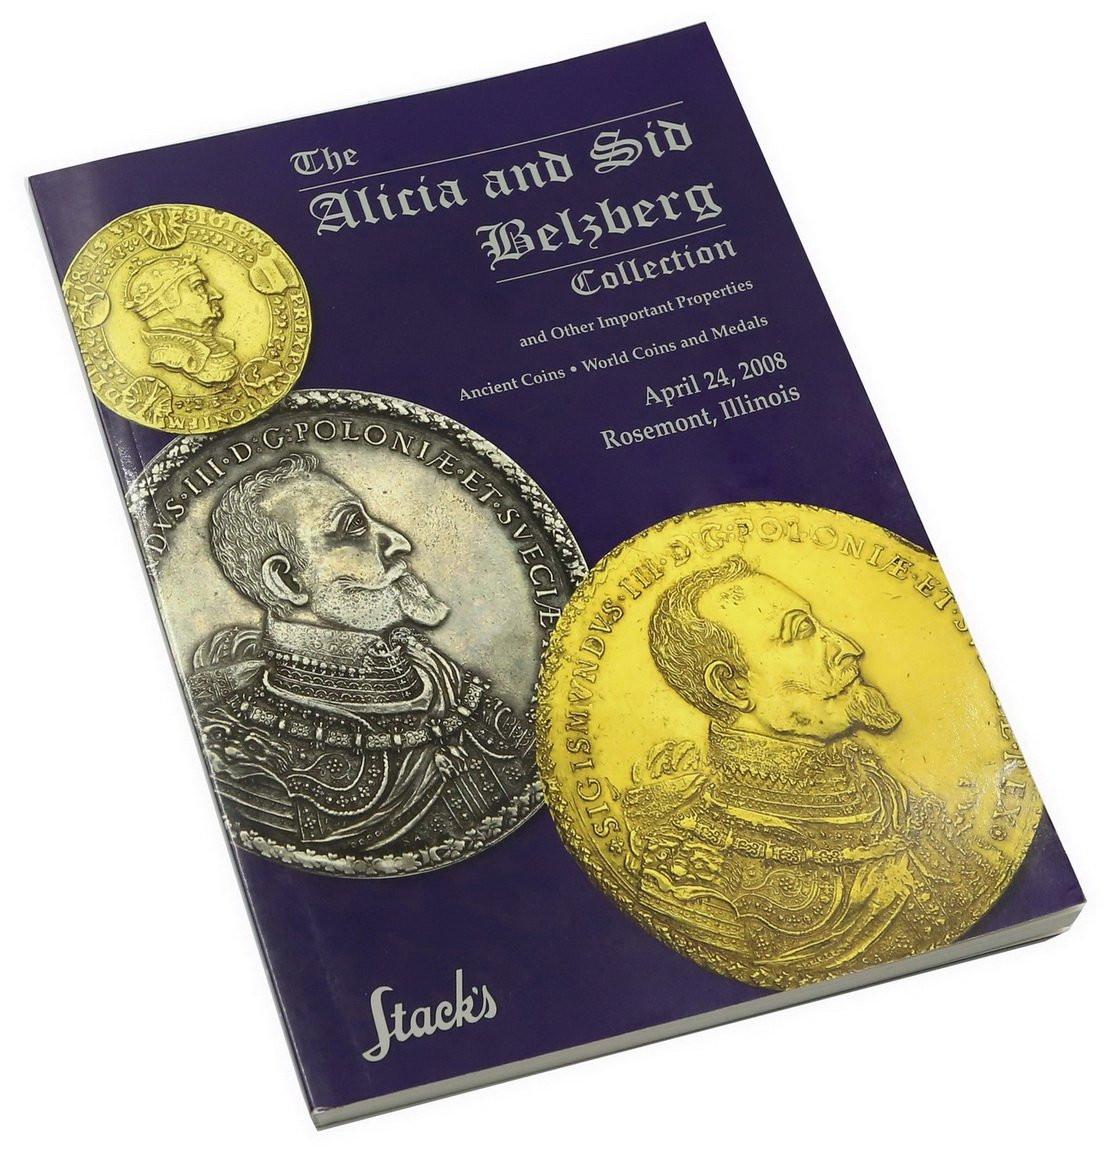 Katalog Wielkiej Kolekcji BEZLBERG - 50 dukatów, Portugały, Konstytucja w złocie